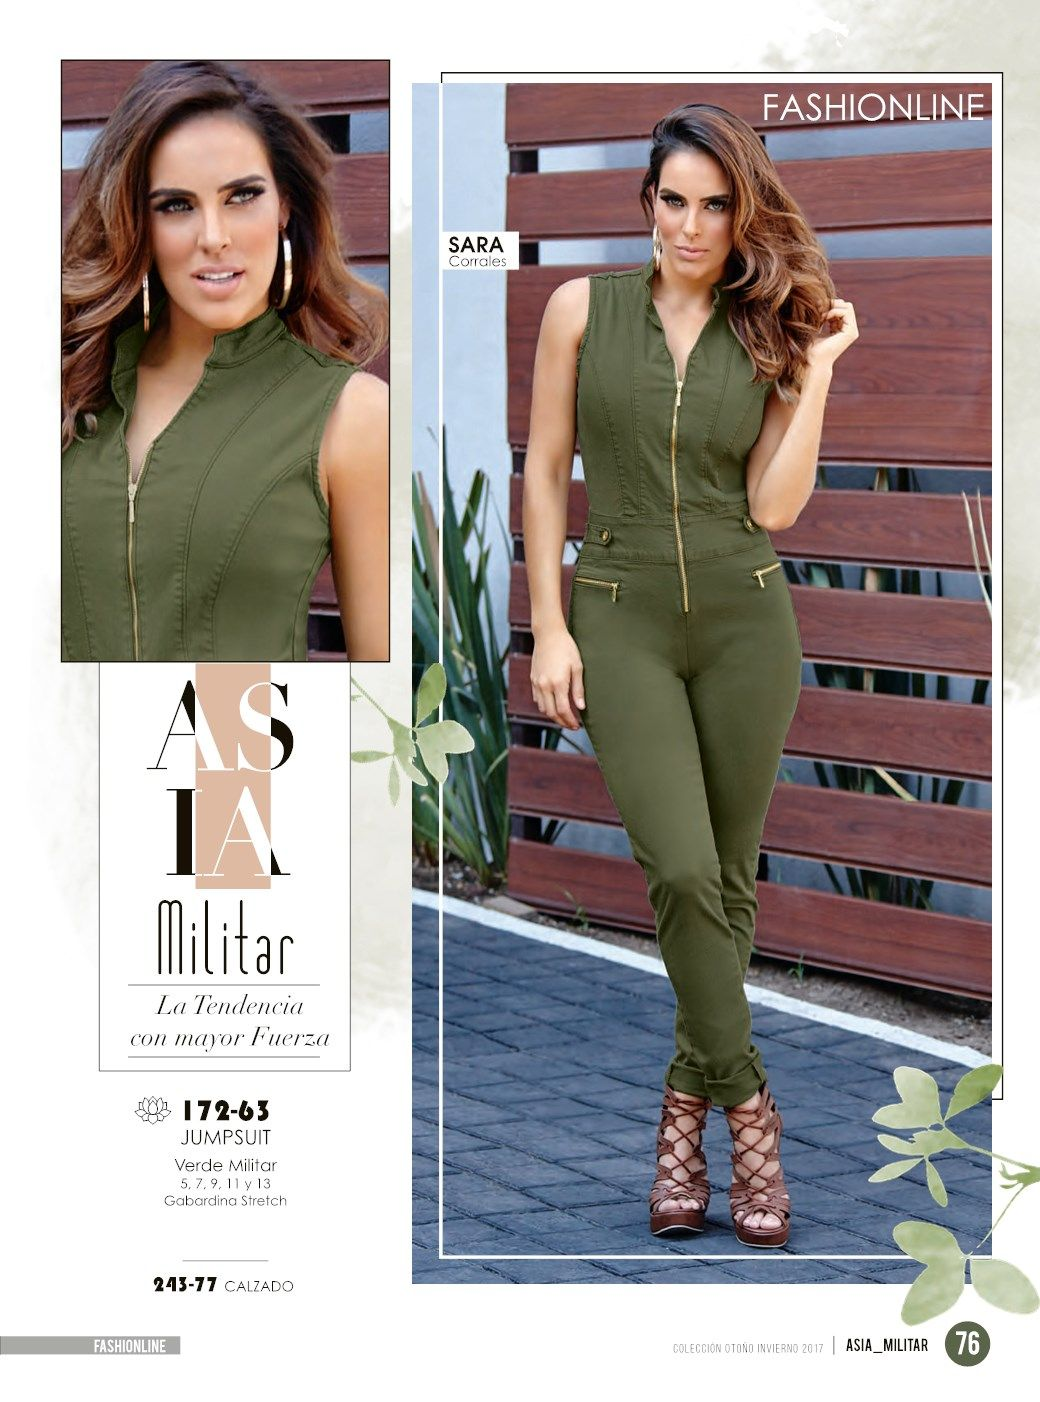 9029eb3f0 Jumpsuit verde militar de moda para mujer. Look casual de tendencia con  Sara Corrales estrella